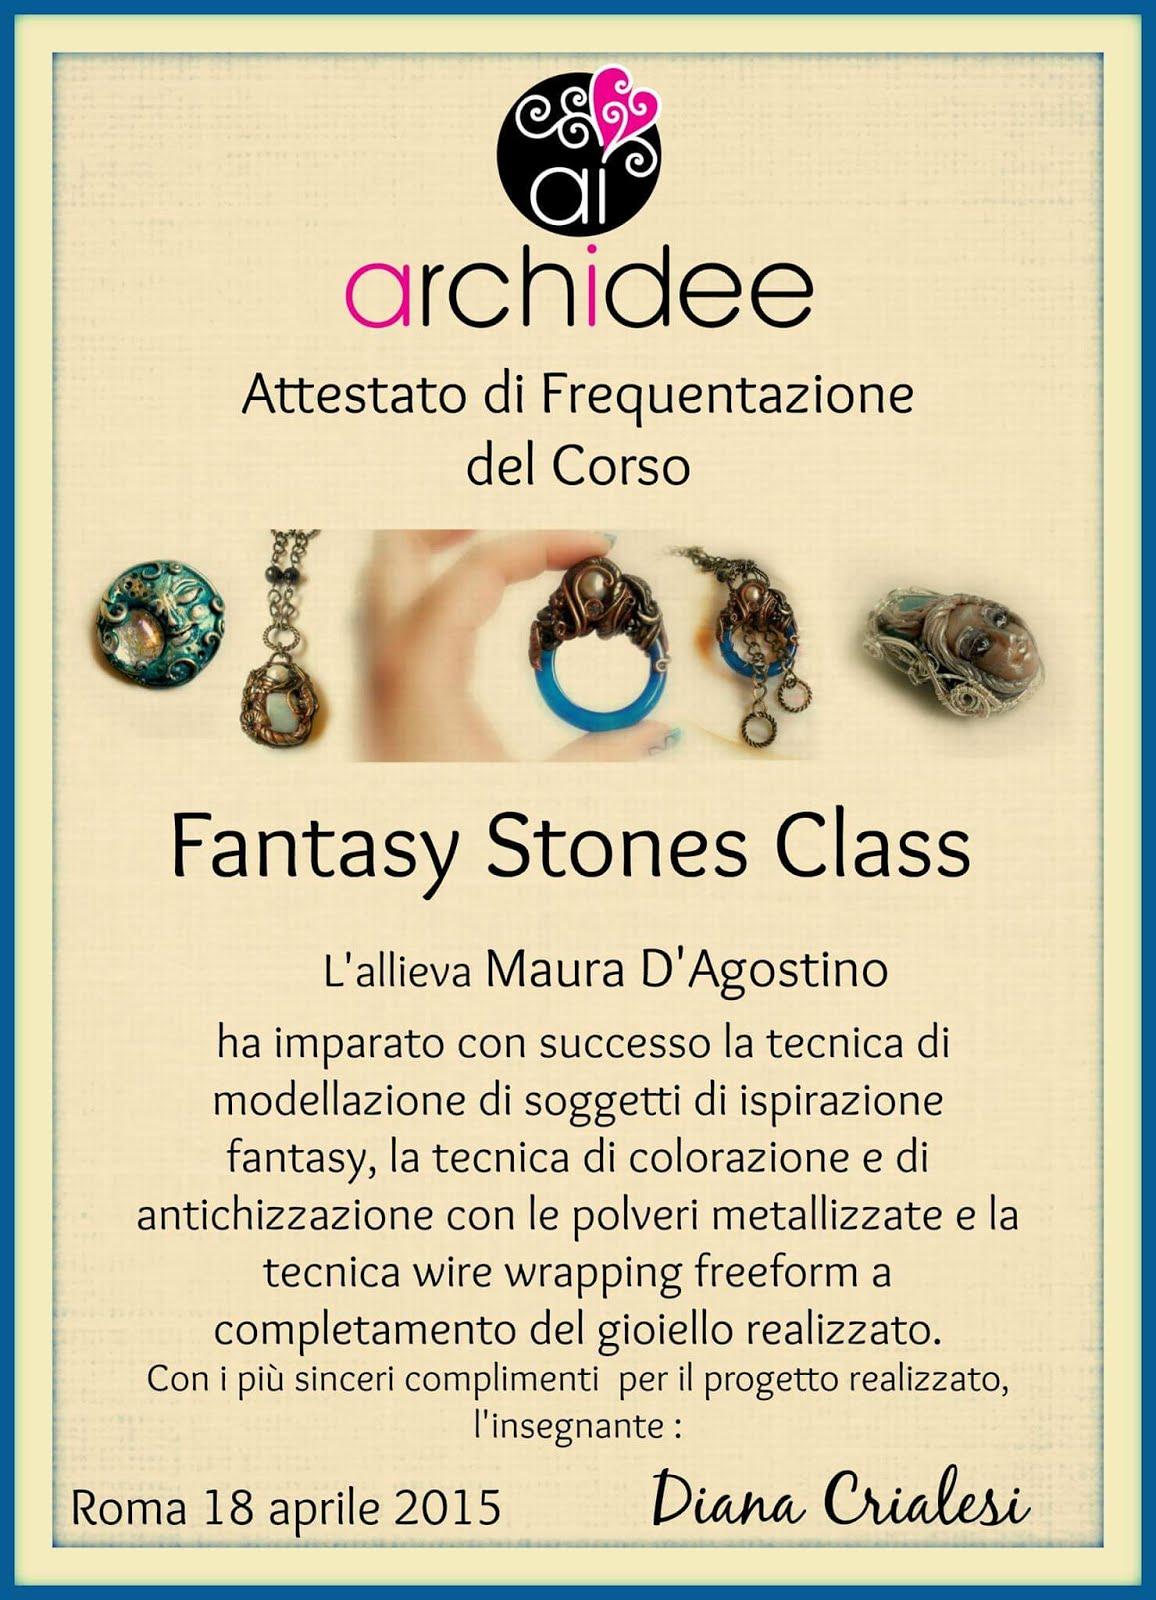 attestato fantasy stone class